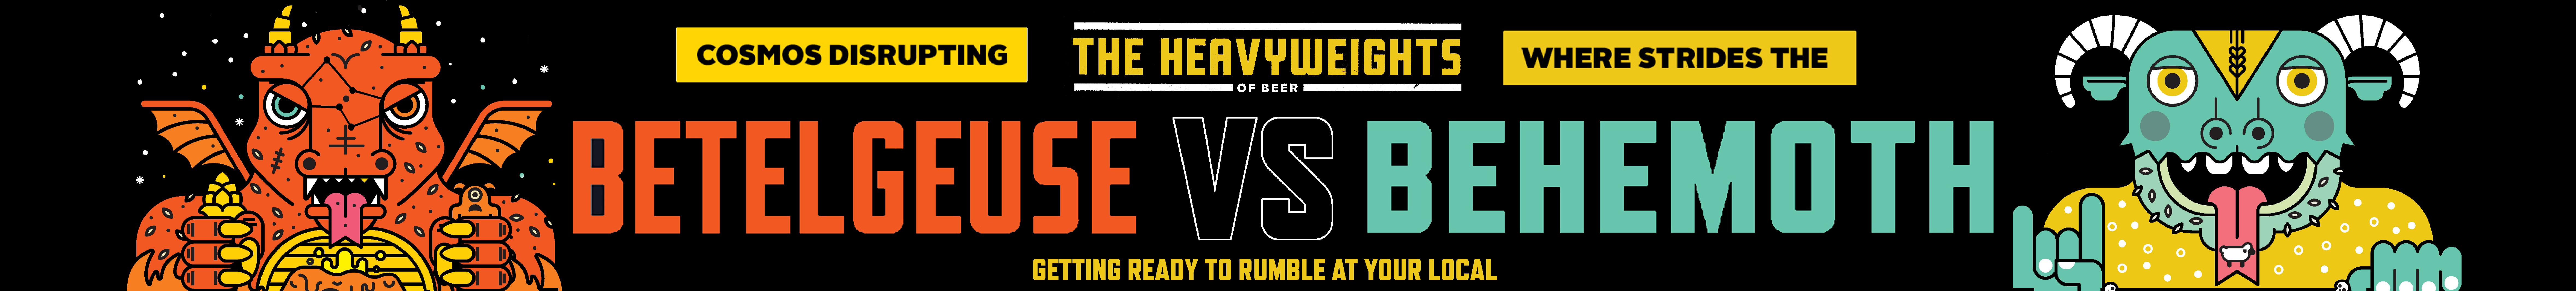 Kaiju Heavy Weights Of Beer-D